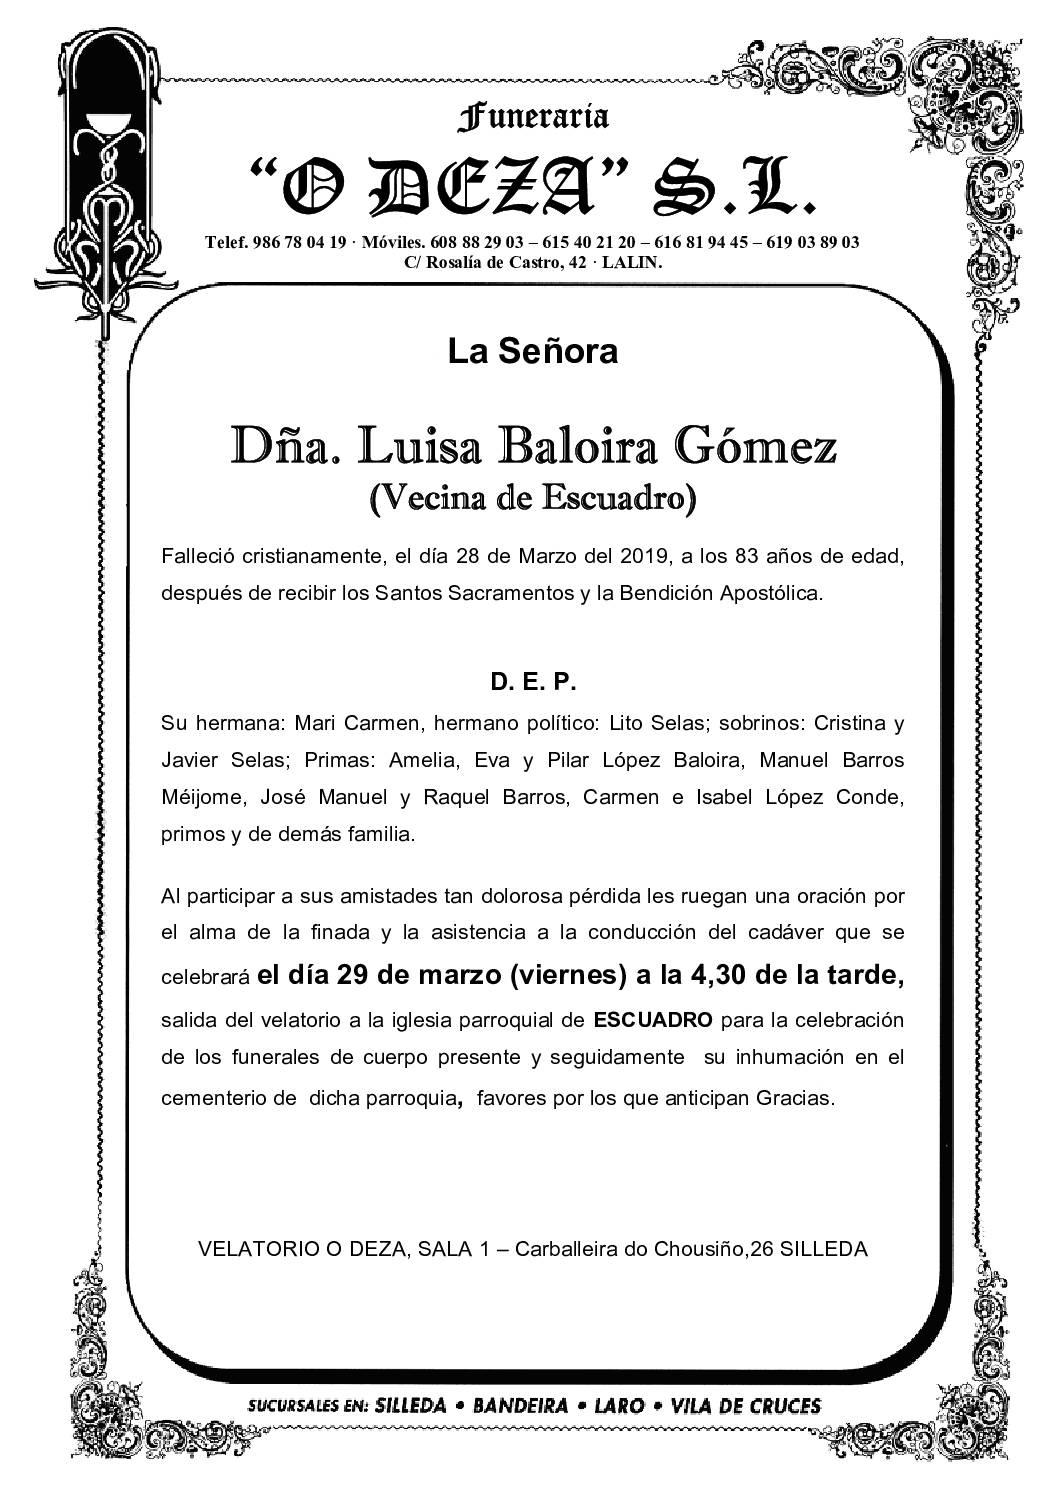 DÑA LUISA BALOIRA GÓMEZ